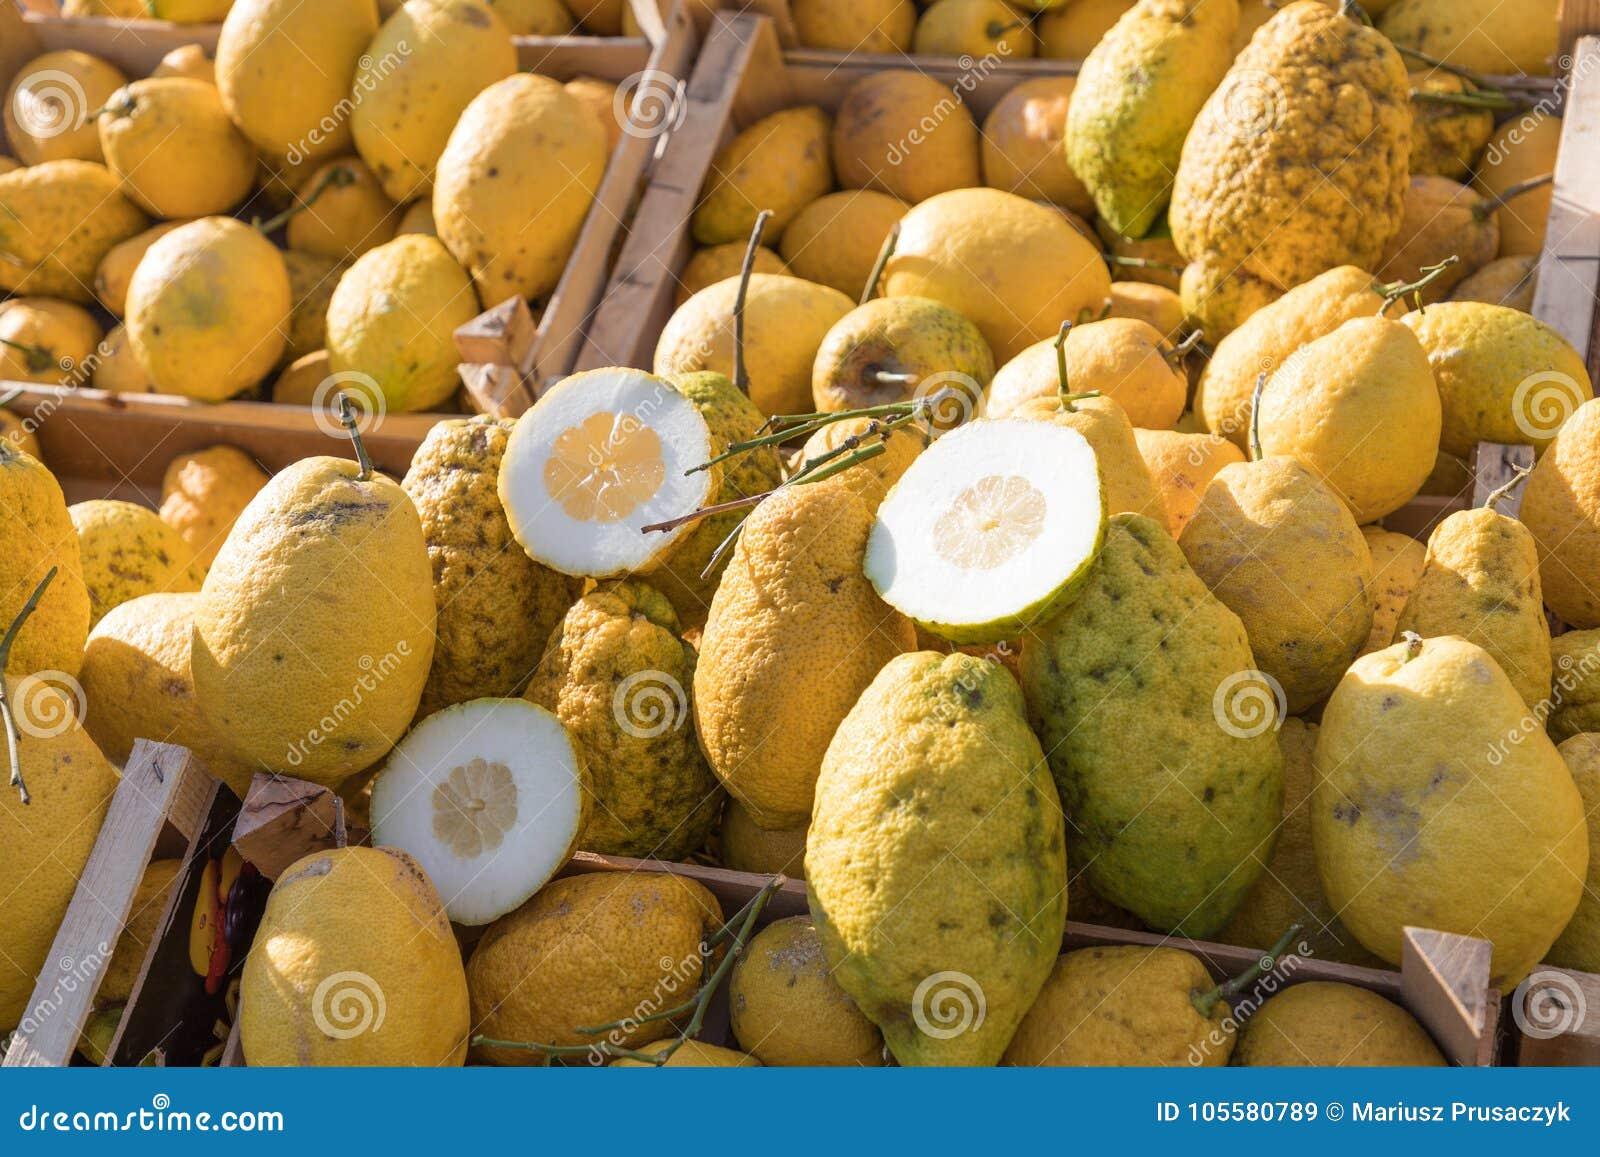 Chiuda su di una scatola di legno in pieno di grande cedro giallo alla frutta m.